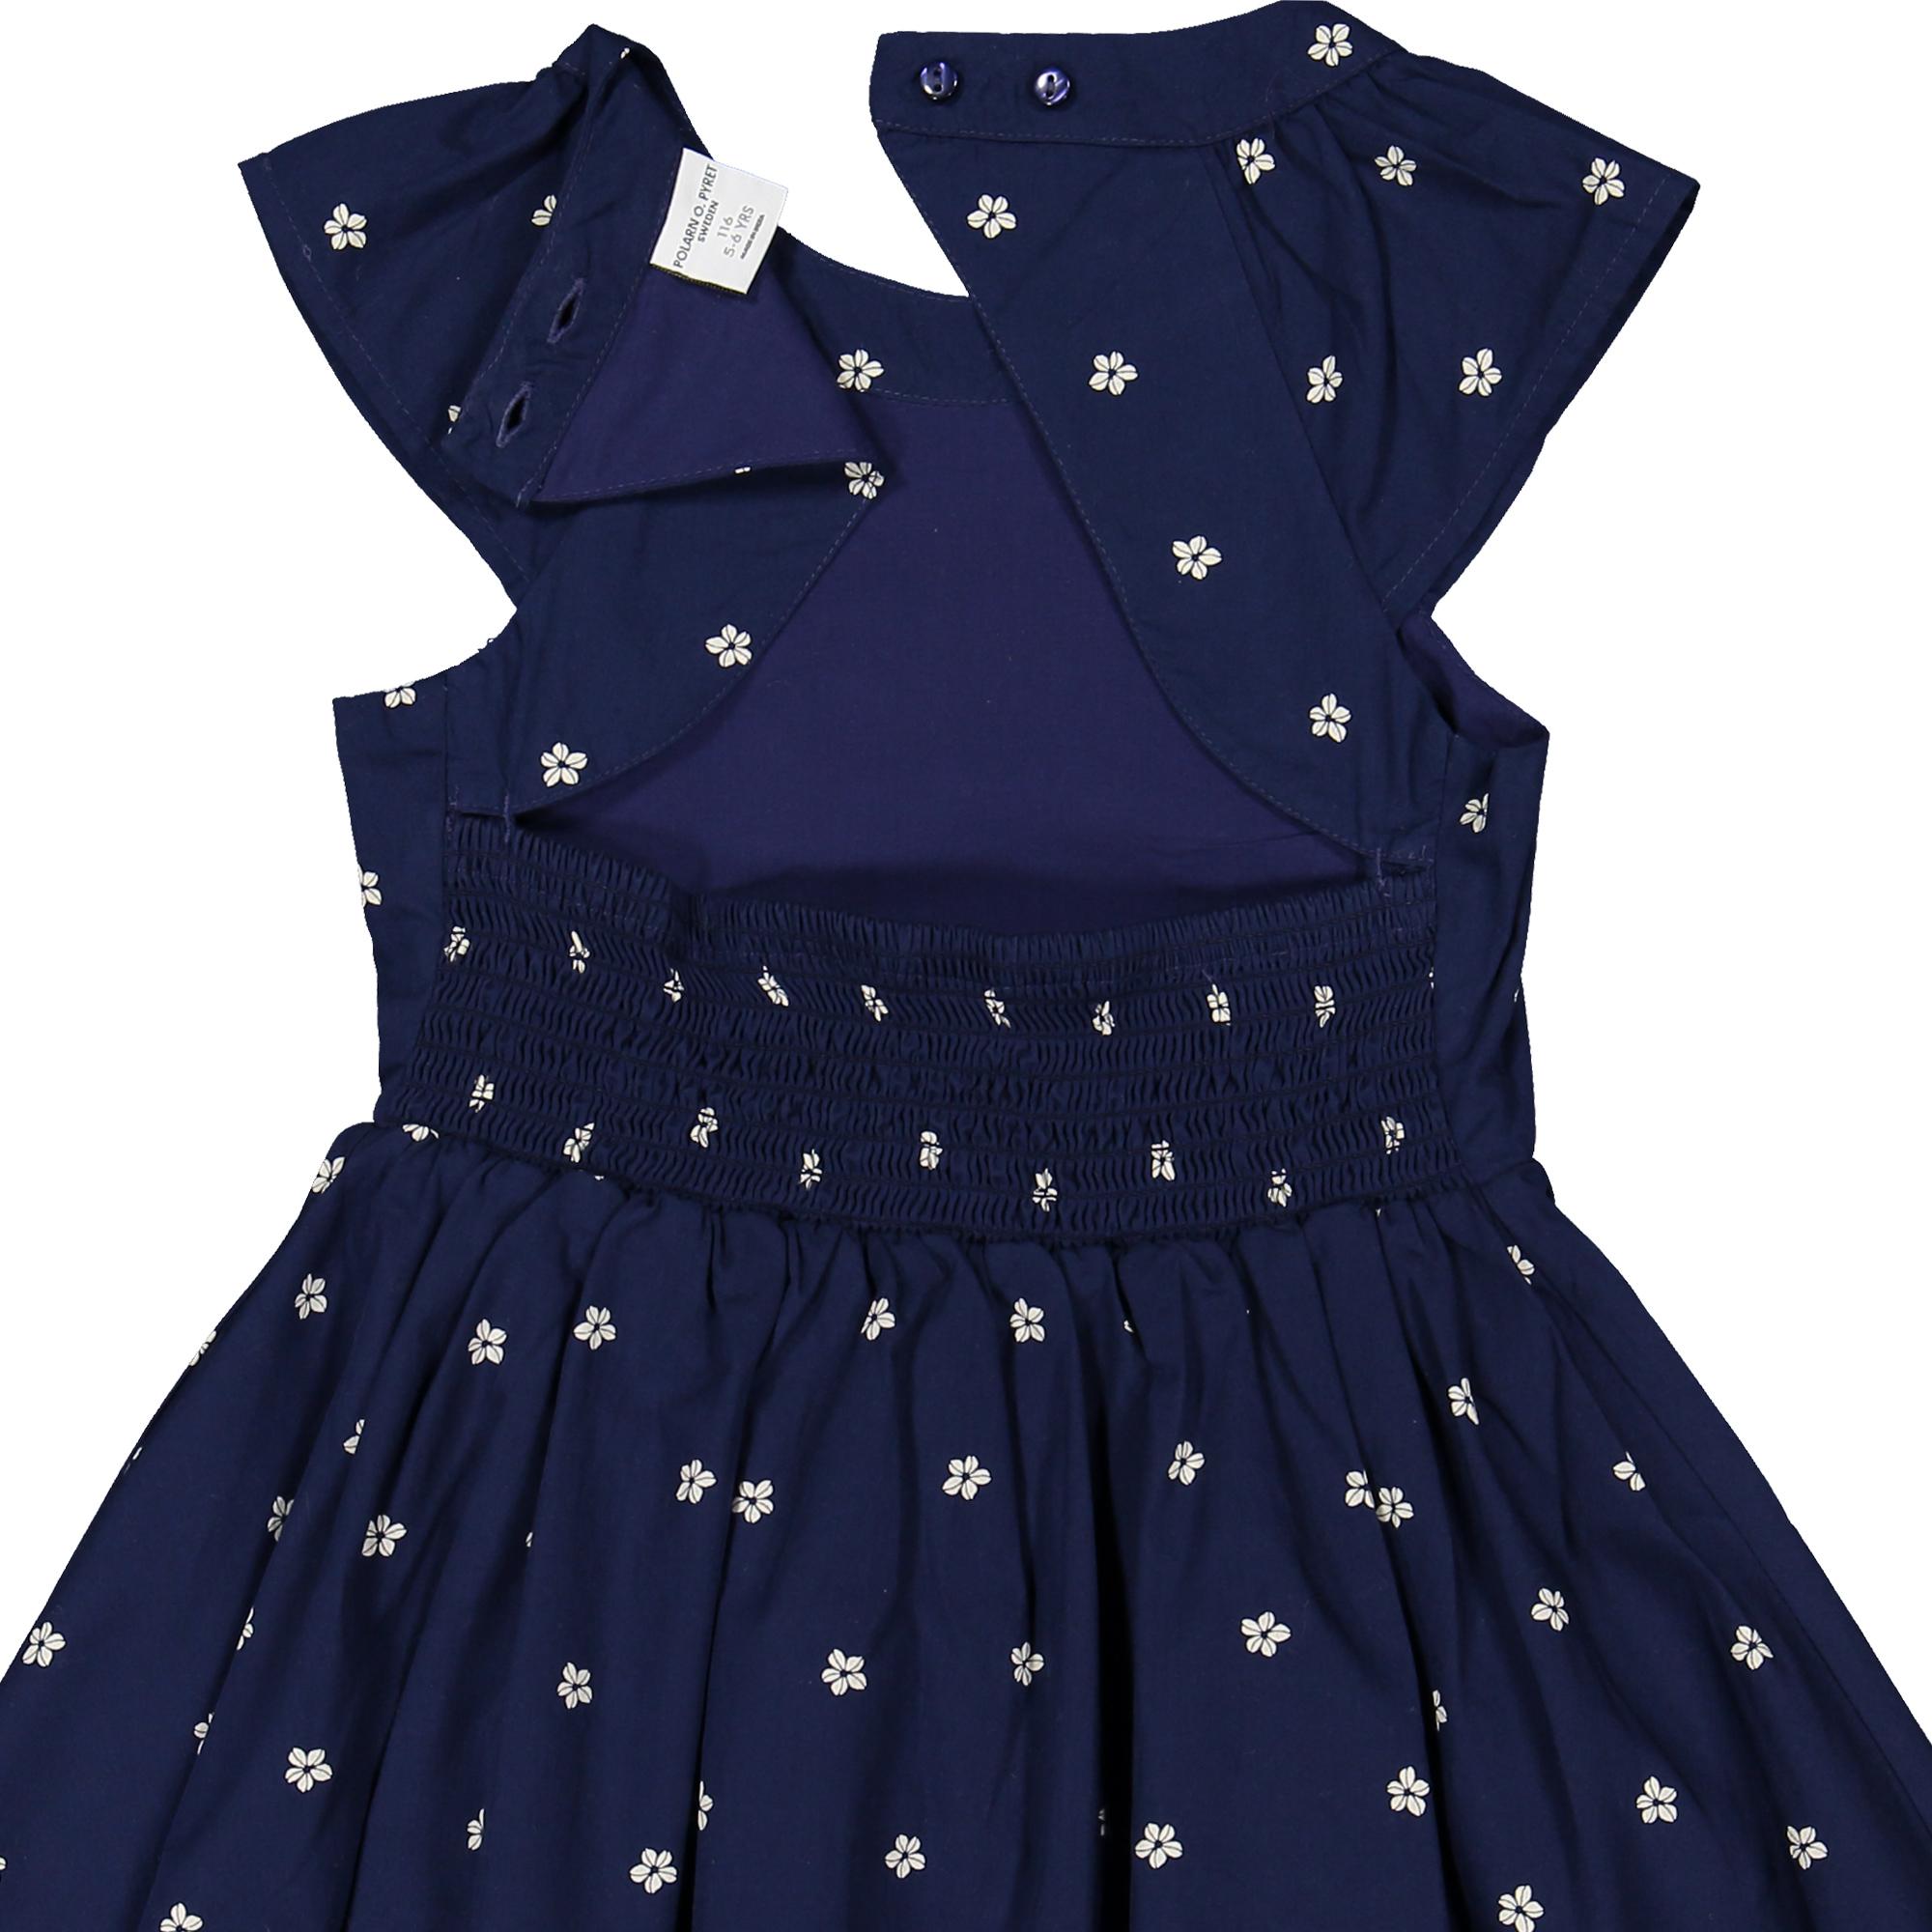 09d8571a7c61 Klänning med små blommor mörkblå | Polarnopyret.se